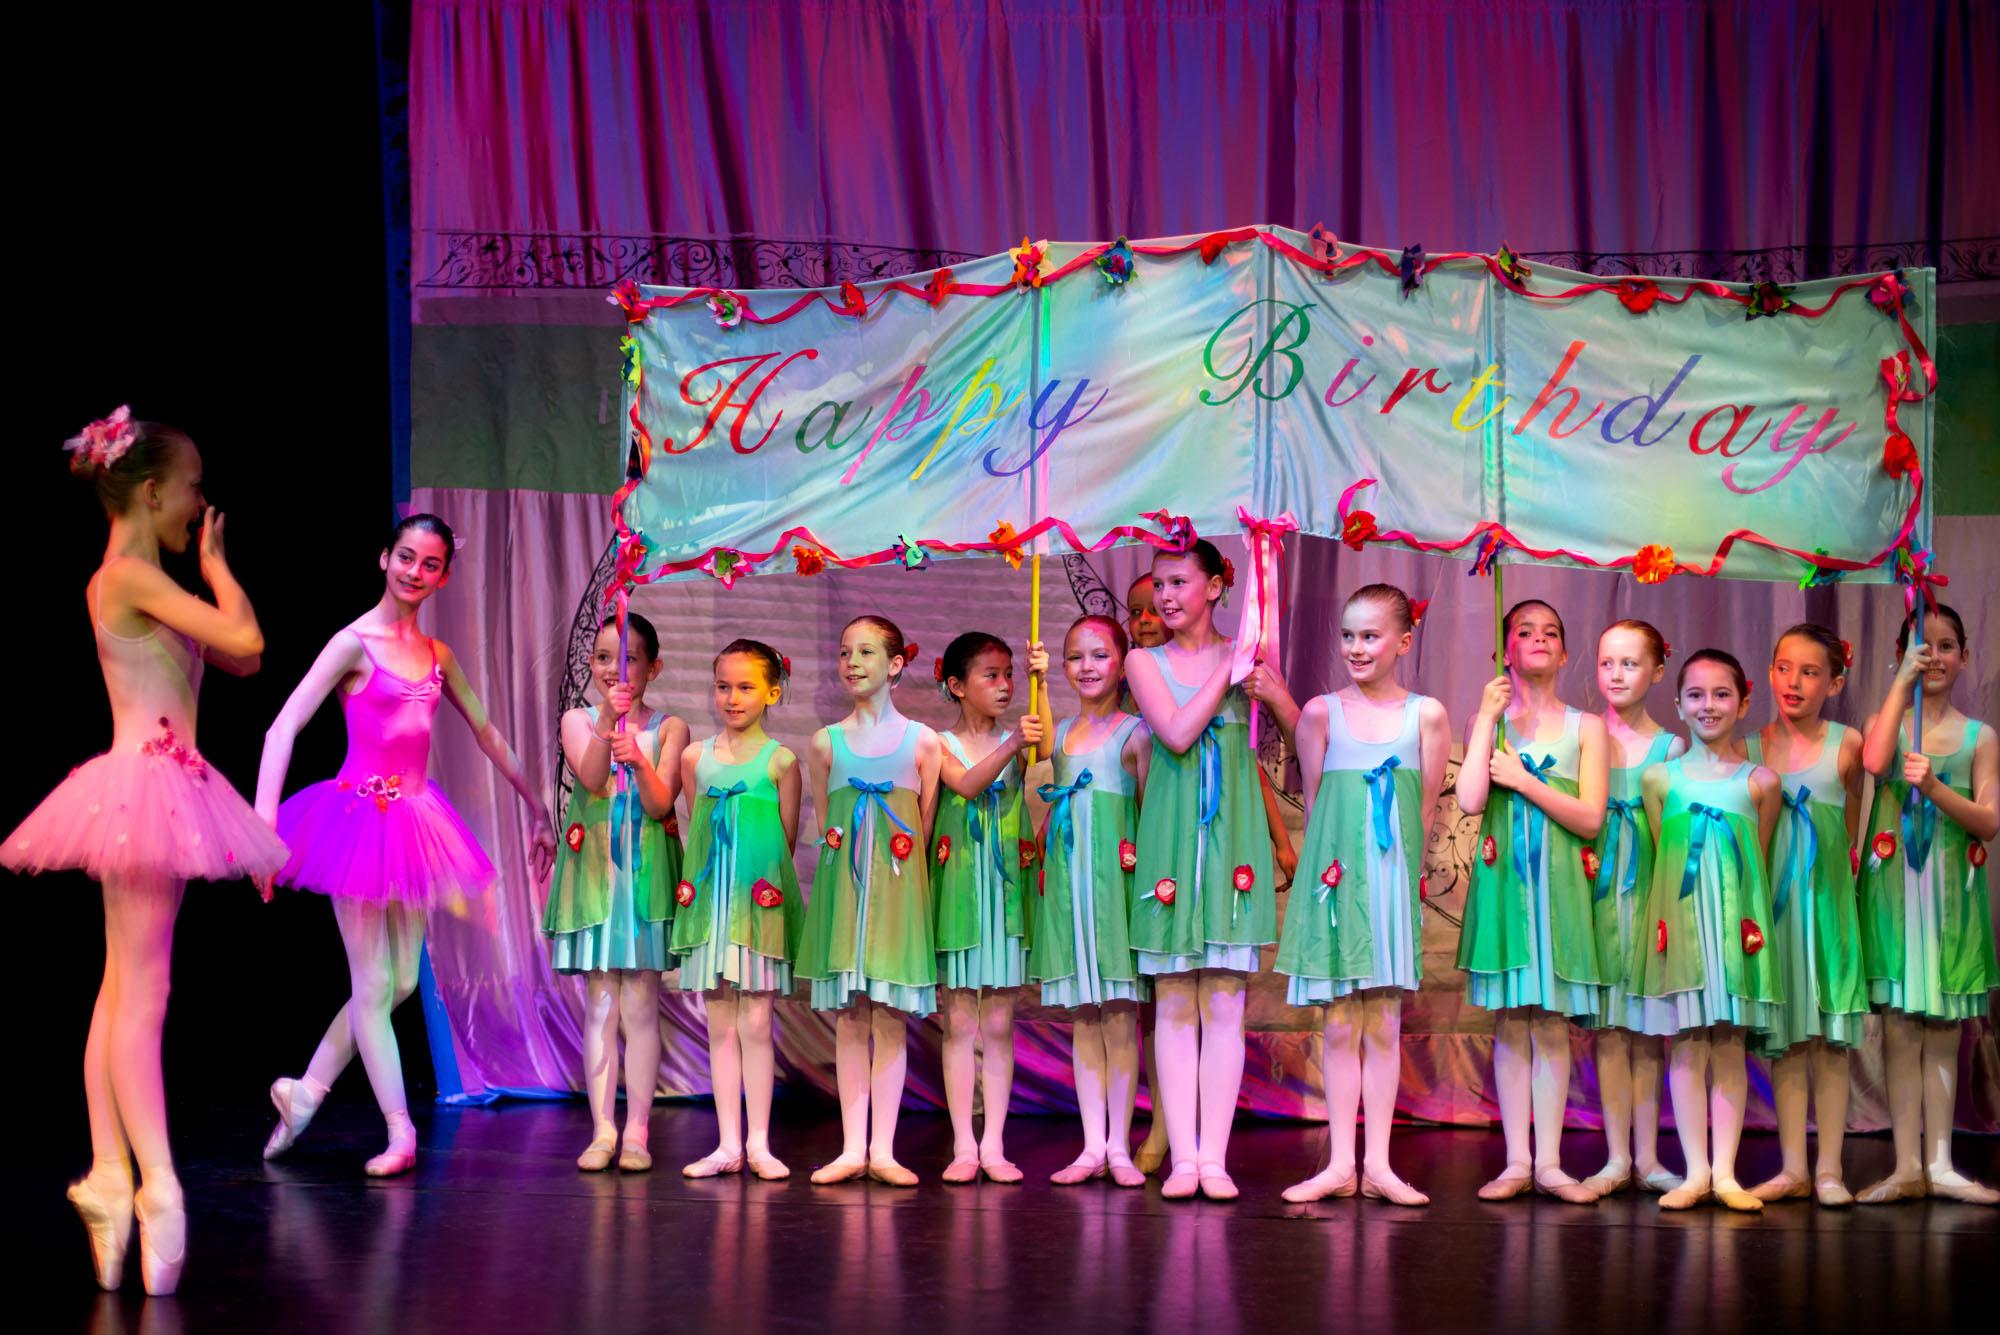 2012_Sleeping_Beauty_Ballet_School 16.jpg